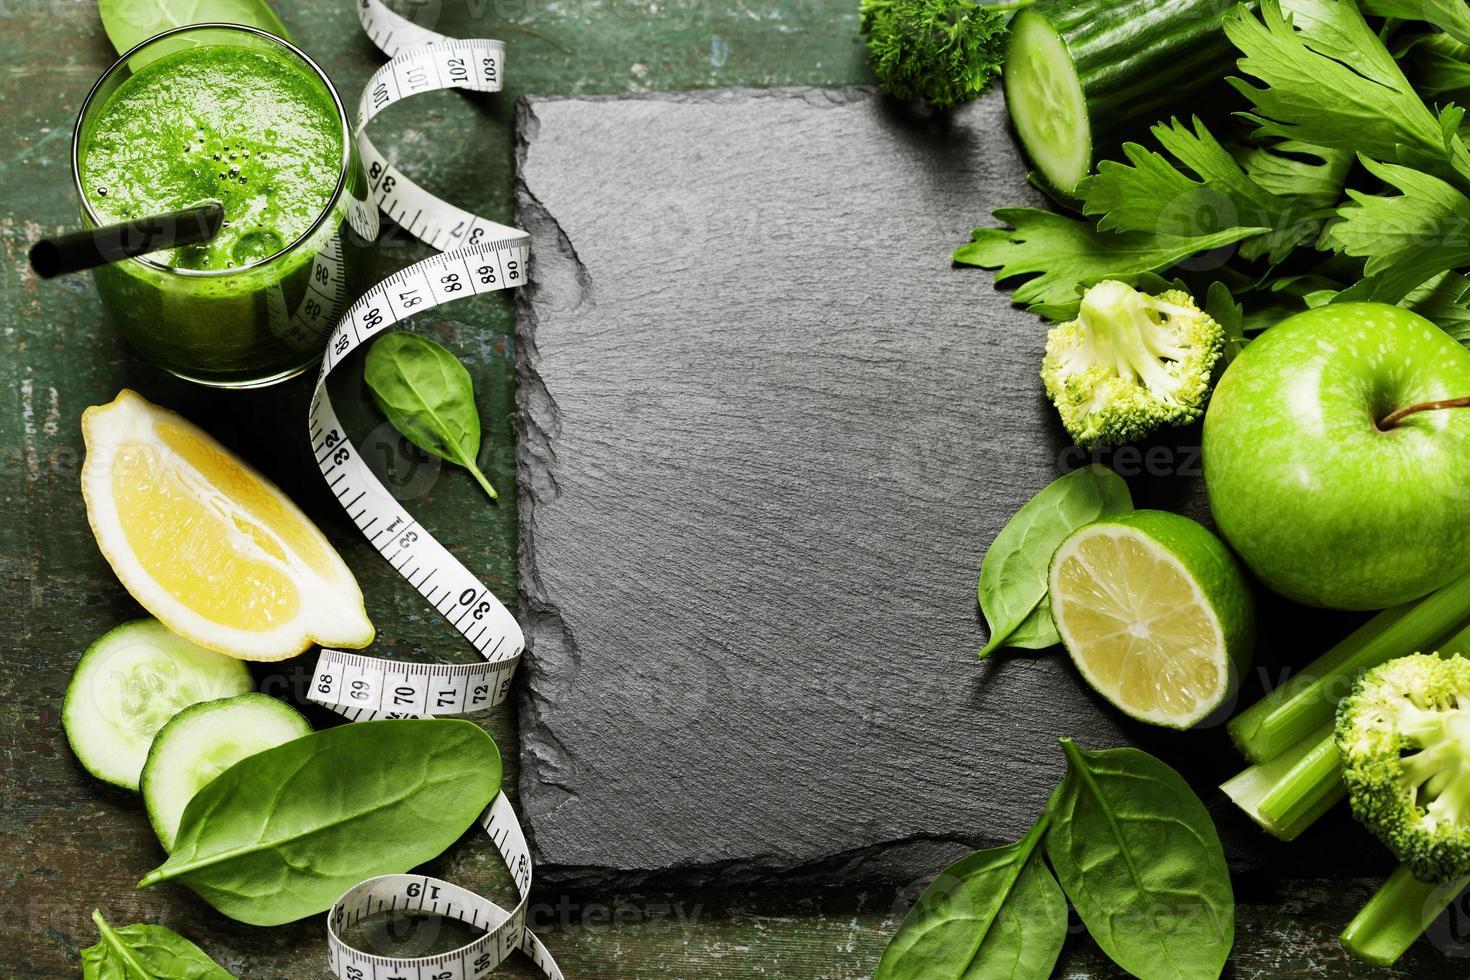 batido y verduras verdes frescas foto